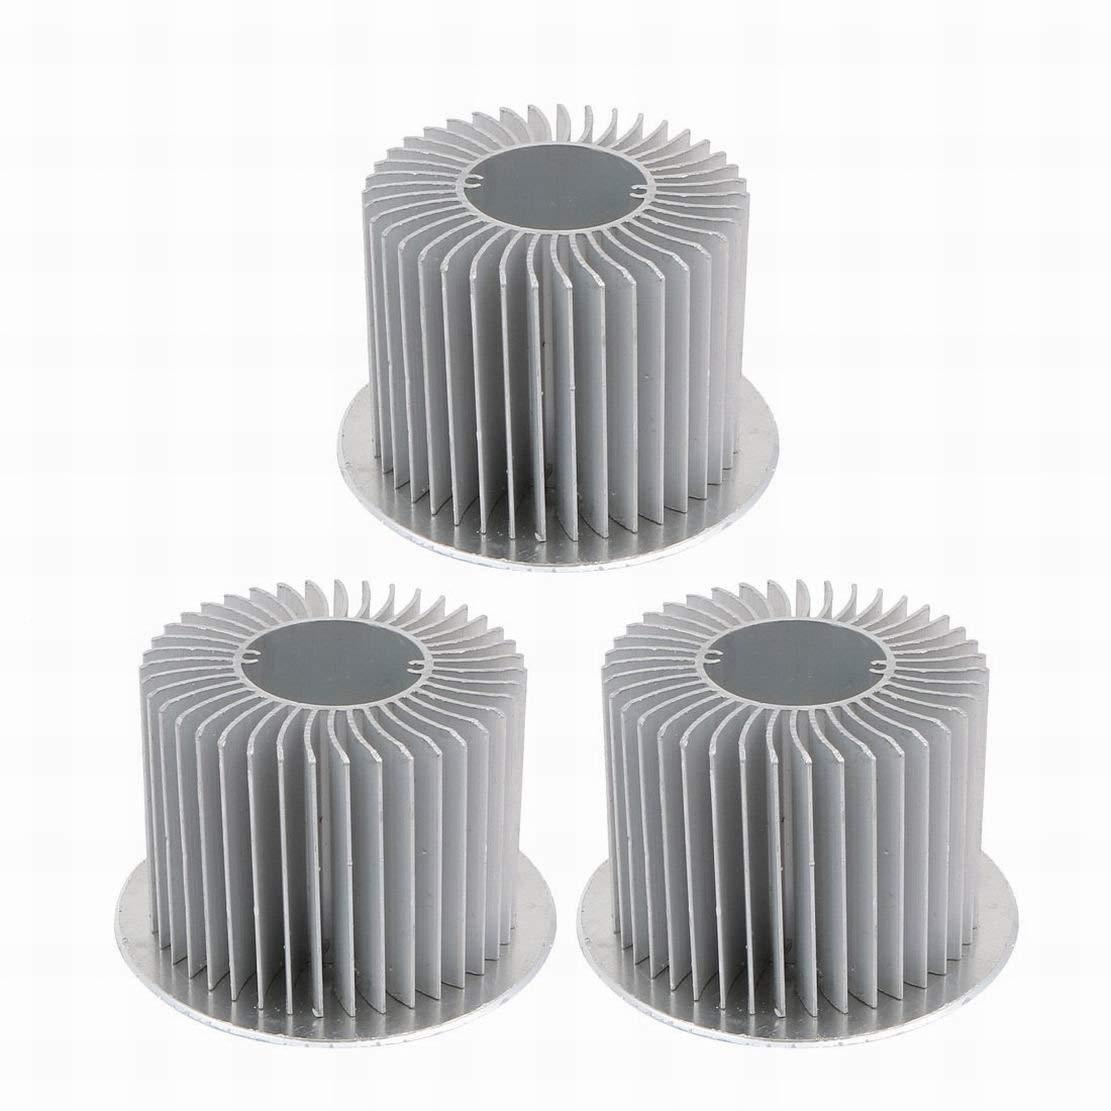 GUWANJI 1Pcs Aluminum LED Heatsink Heat Sink Cooler Cooling Fin 60mmx45mmx18mm